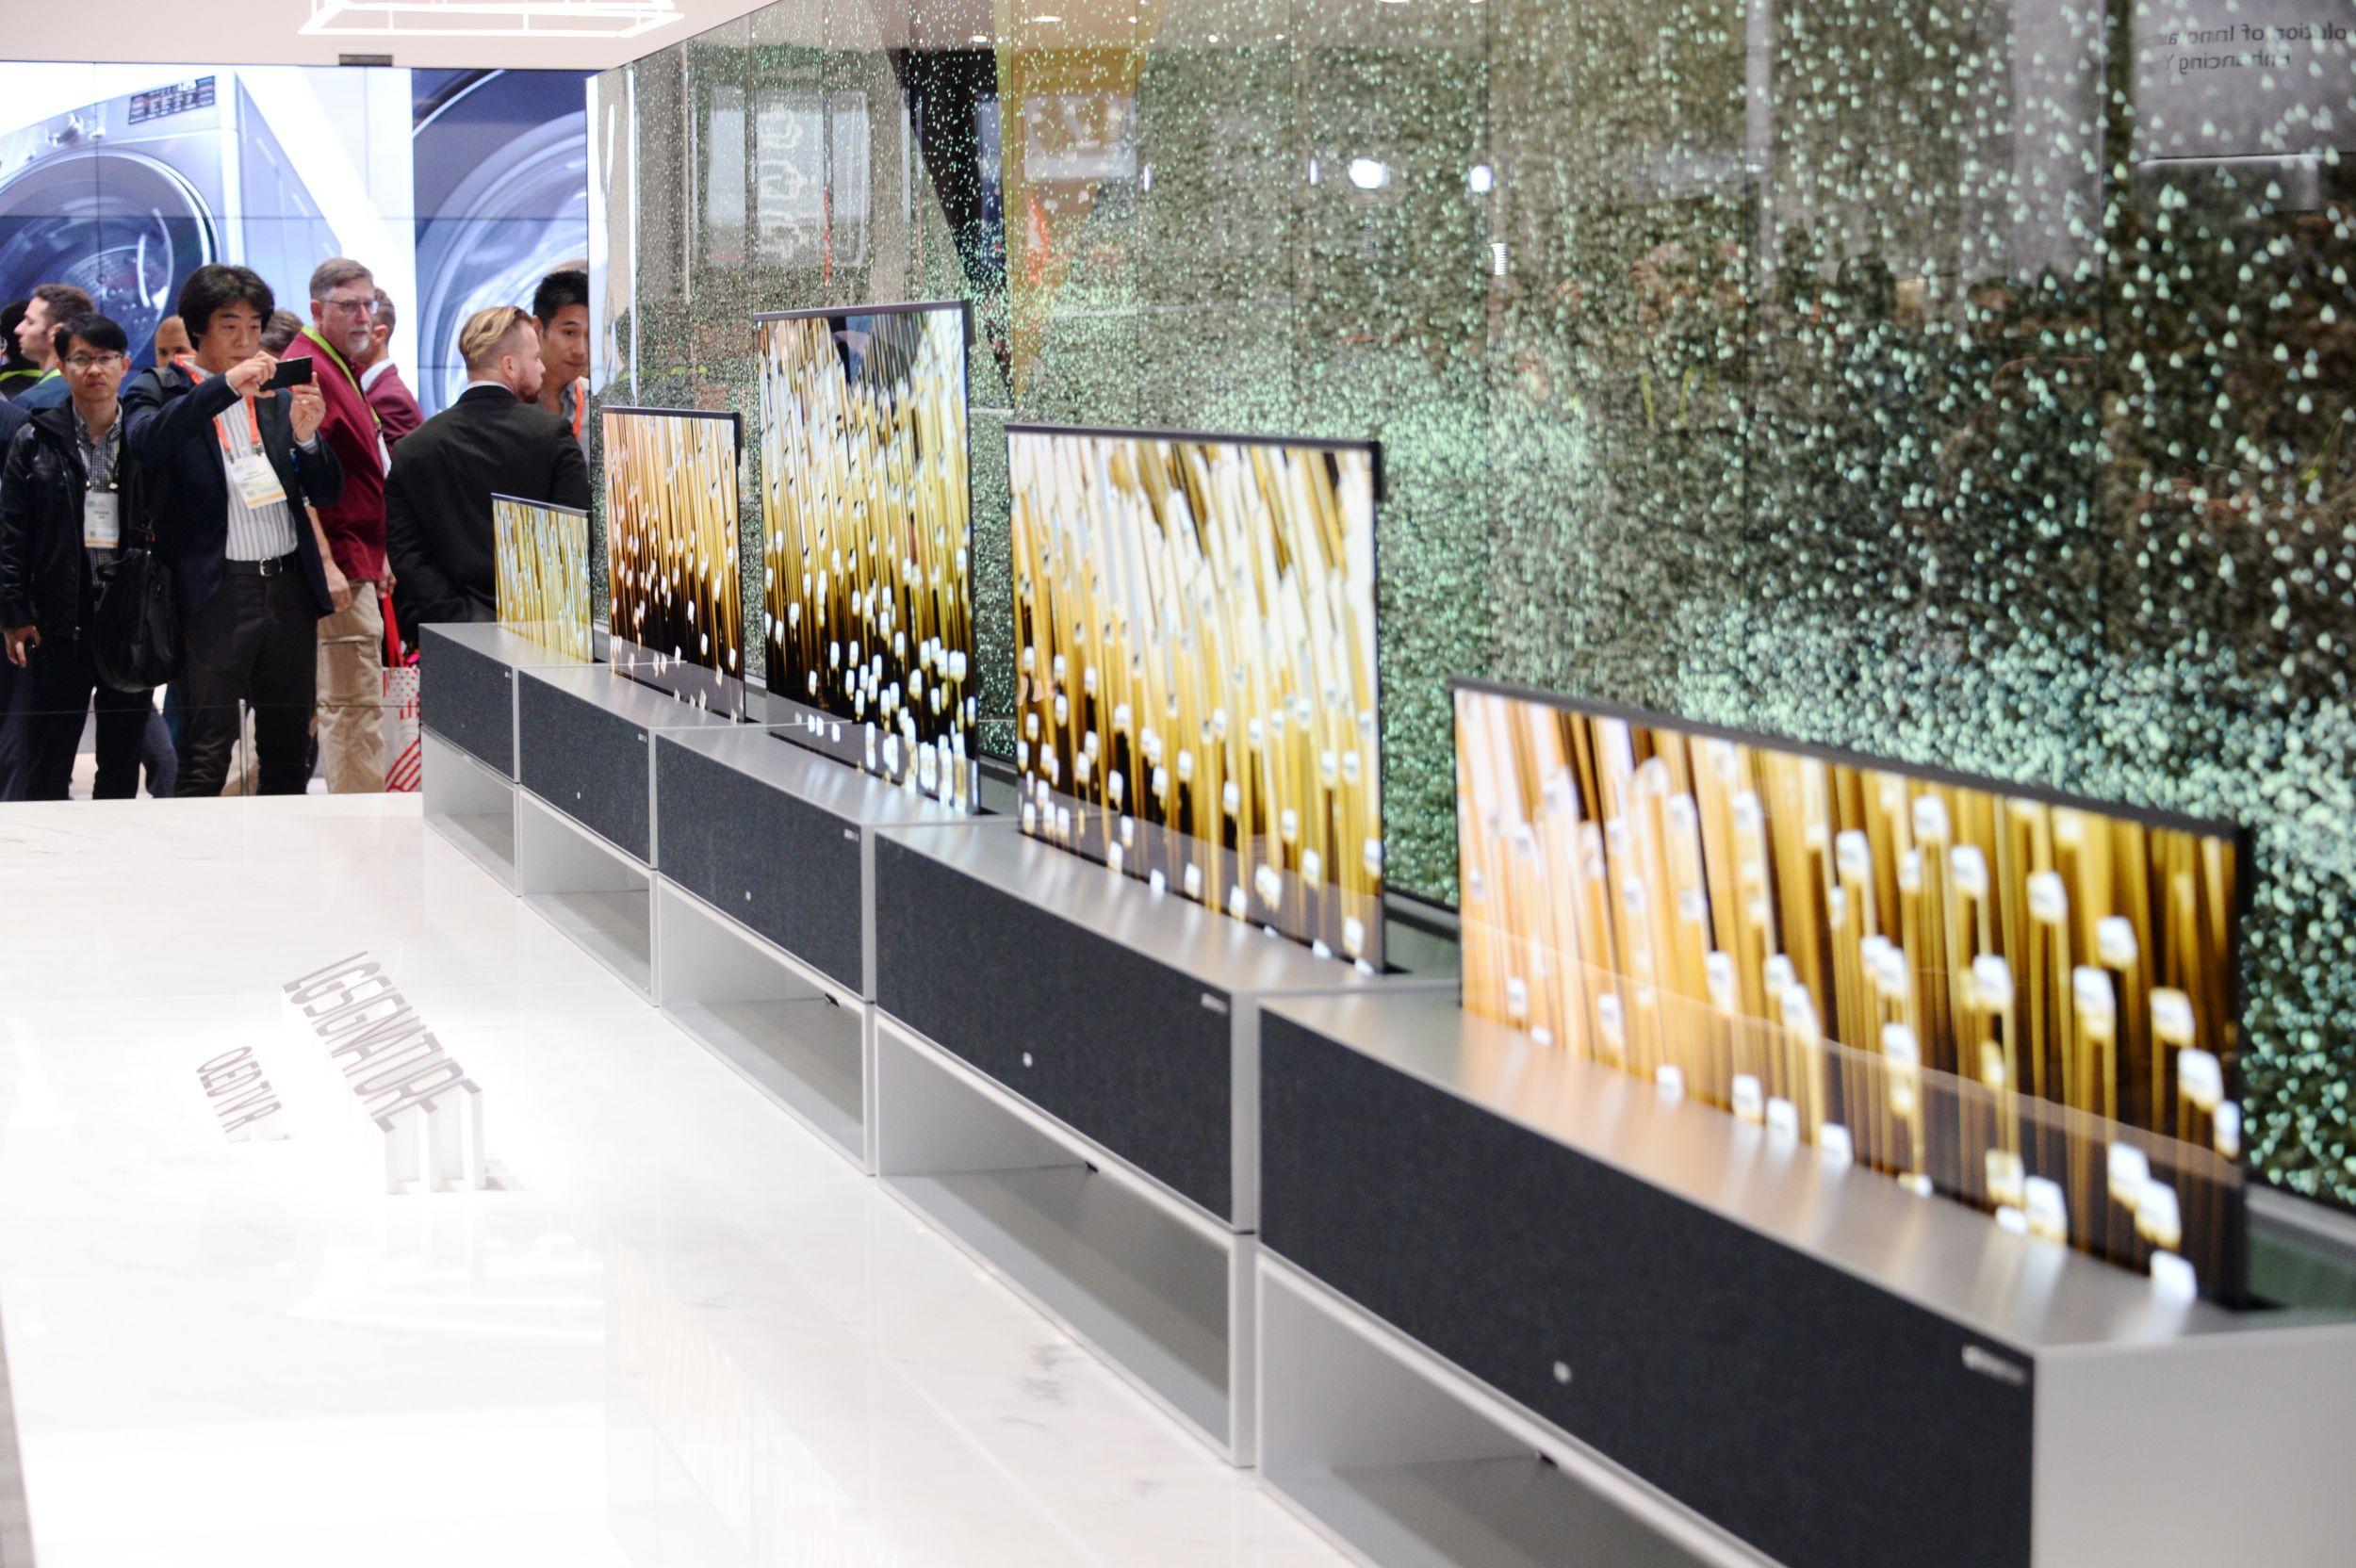 LG전자가 현지시간 8일부터 미국 라스베이거스에서 열린 'CES 2019' 전시회에서 세계 최초 롤러블 올레드 TV인 'LG 시그니처 올레드 TV R'을 공개해 관람객들의 이목을 집중시켰다.